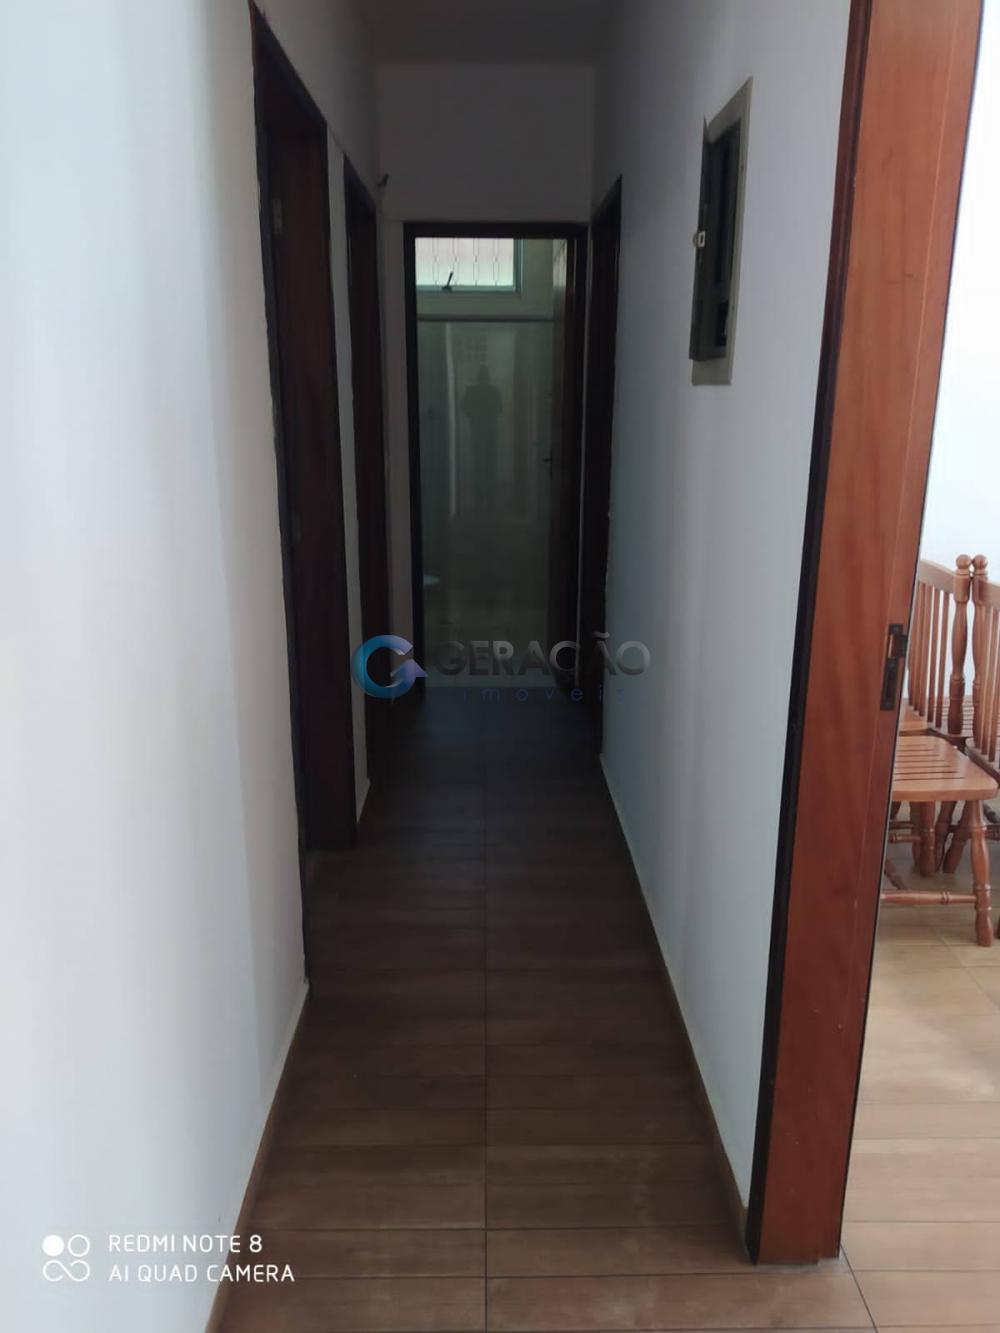 Alugar Casa / Sobrado em São José dos Campos R$ 2.250,00 - Foto 4